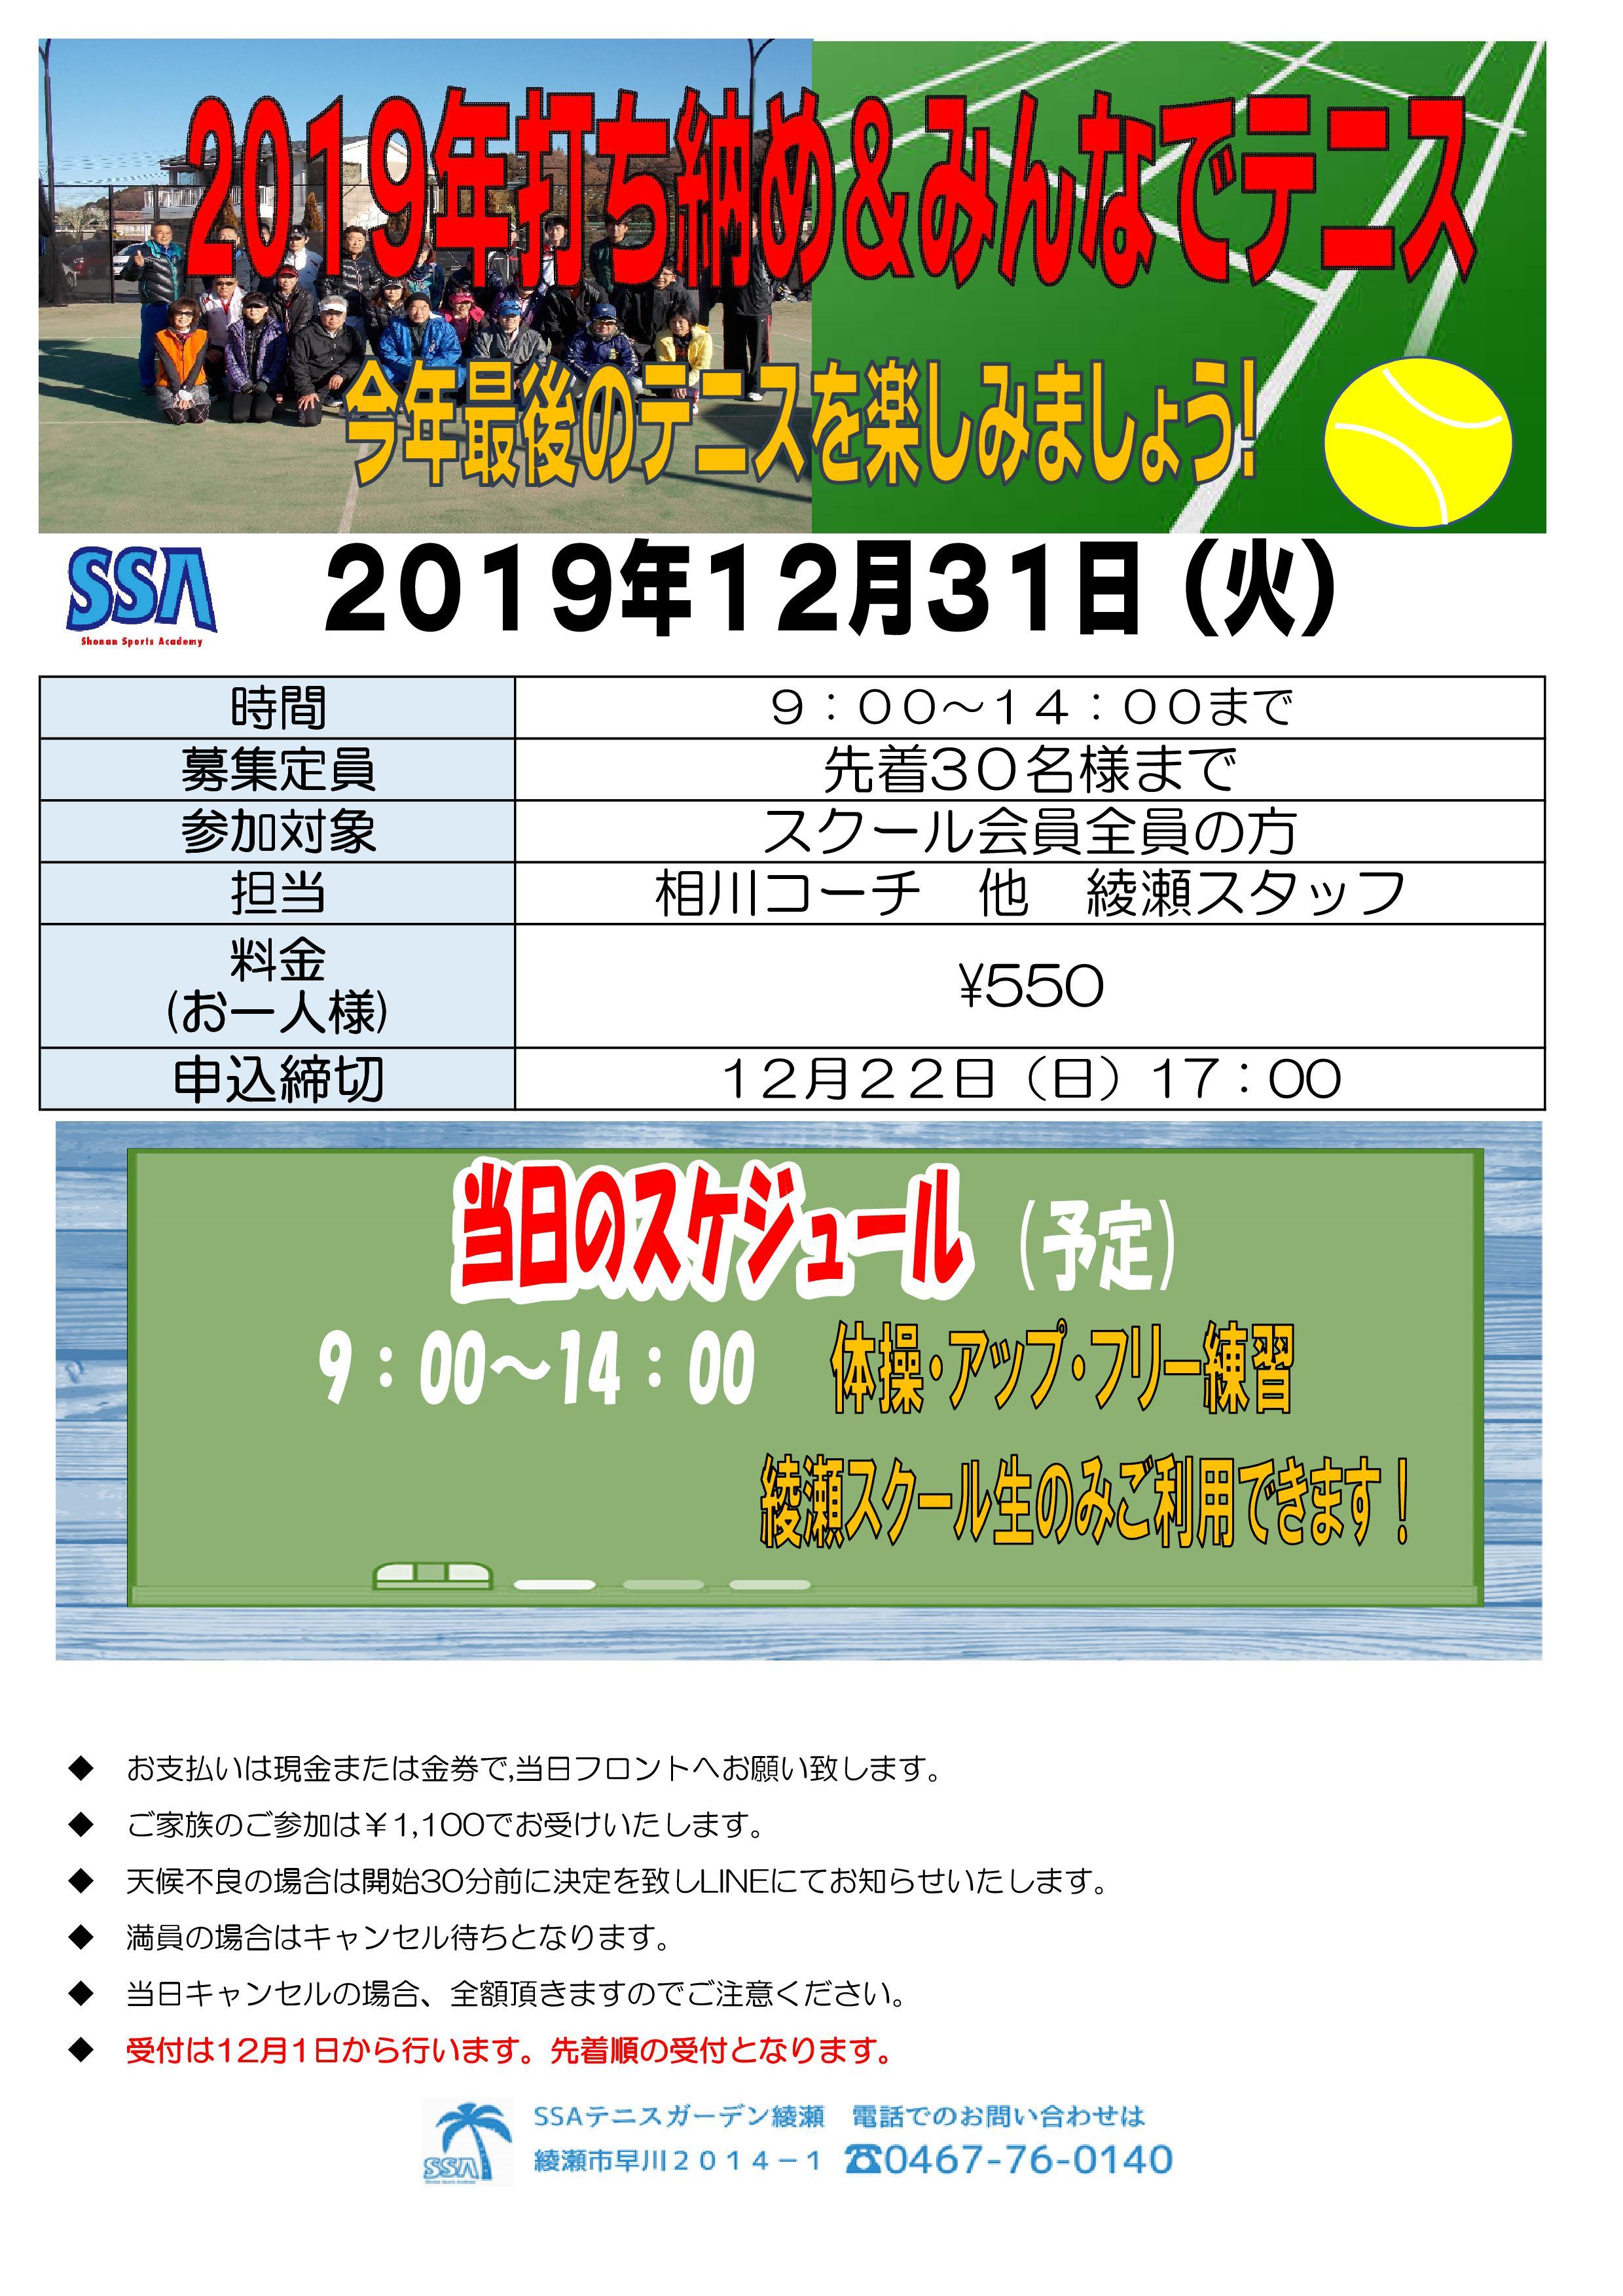 2019年打ち納め 年内最後のテニス!!